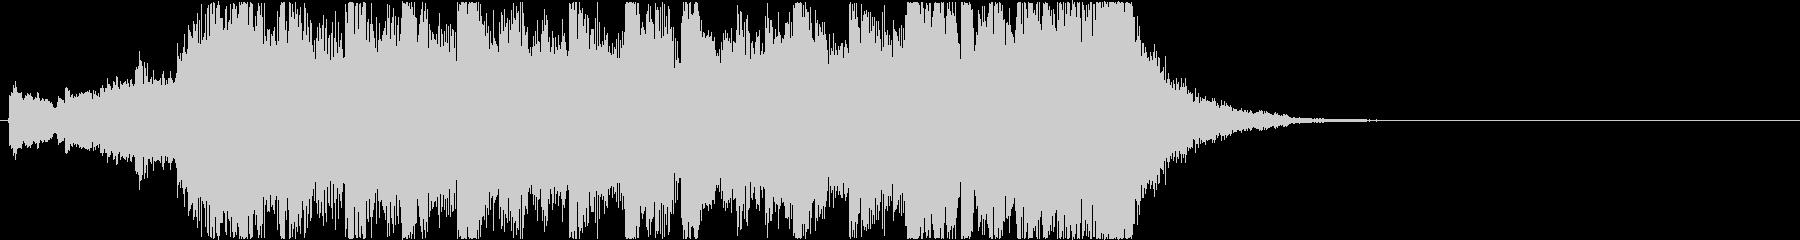 ニュースOP4 24bit44kHzの未再生の波形